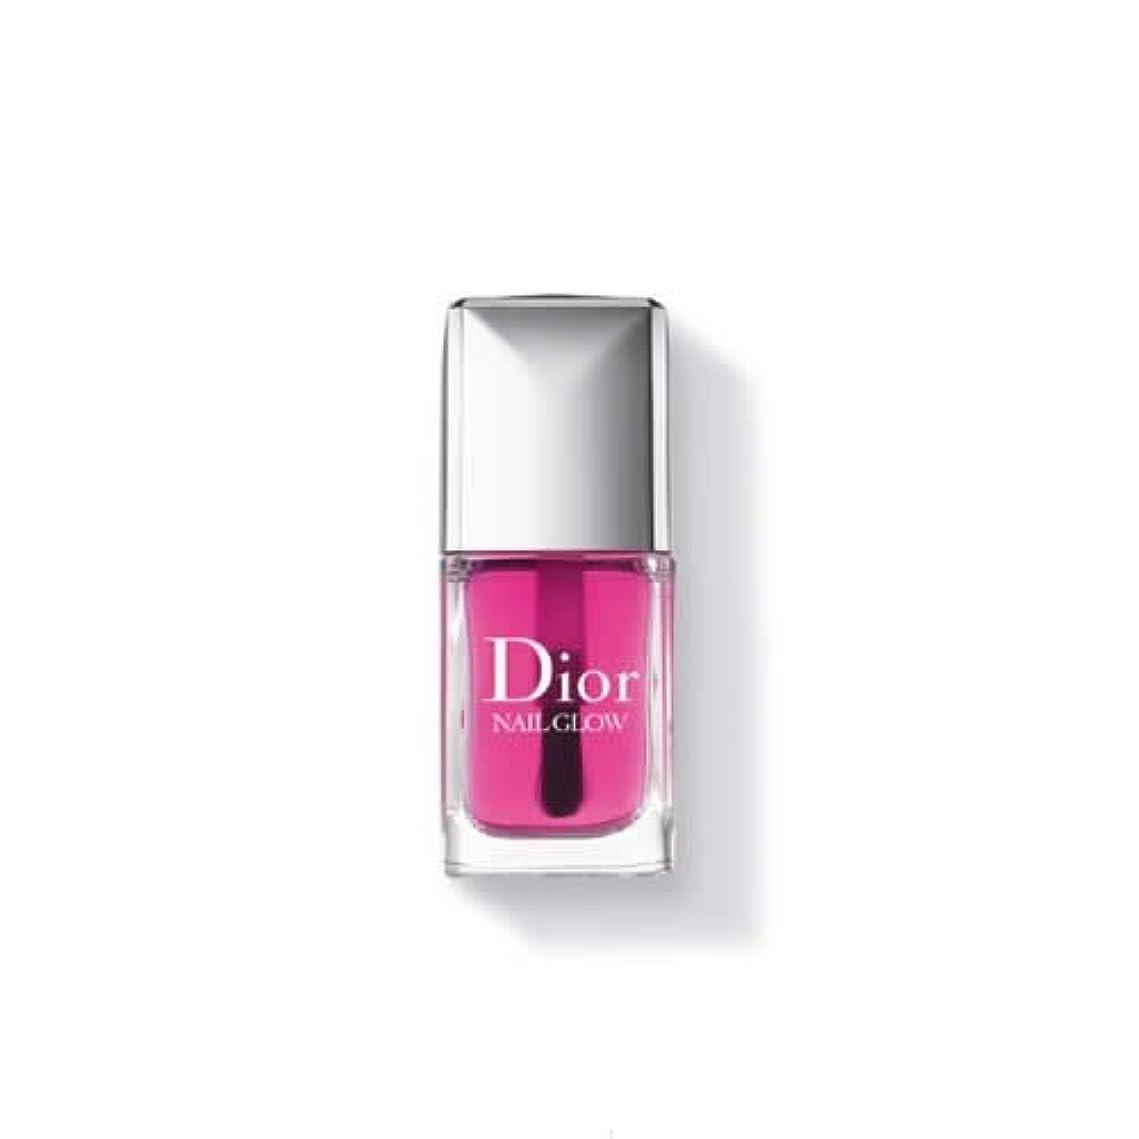 リム三角方言Dior ディオール Nail Glow ネイル グロウ 10ml [並行輸入品]